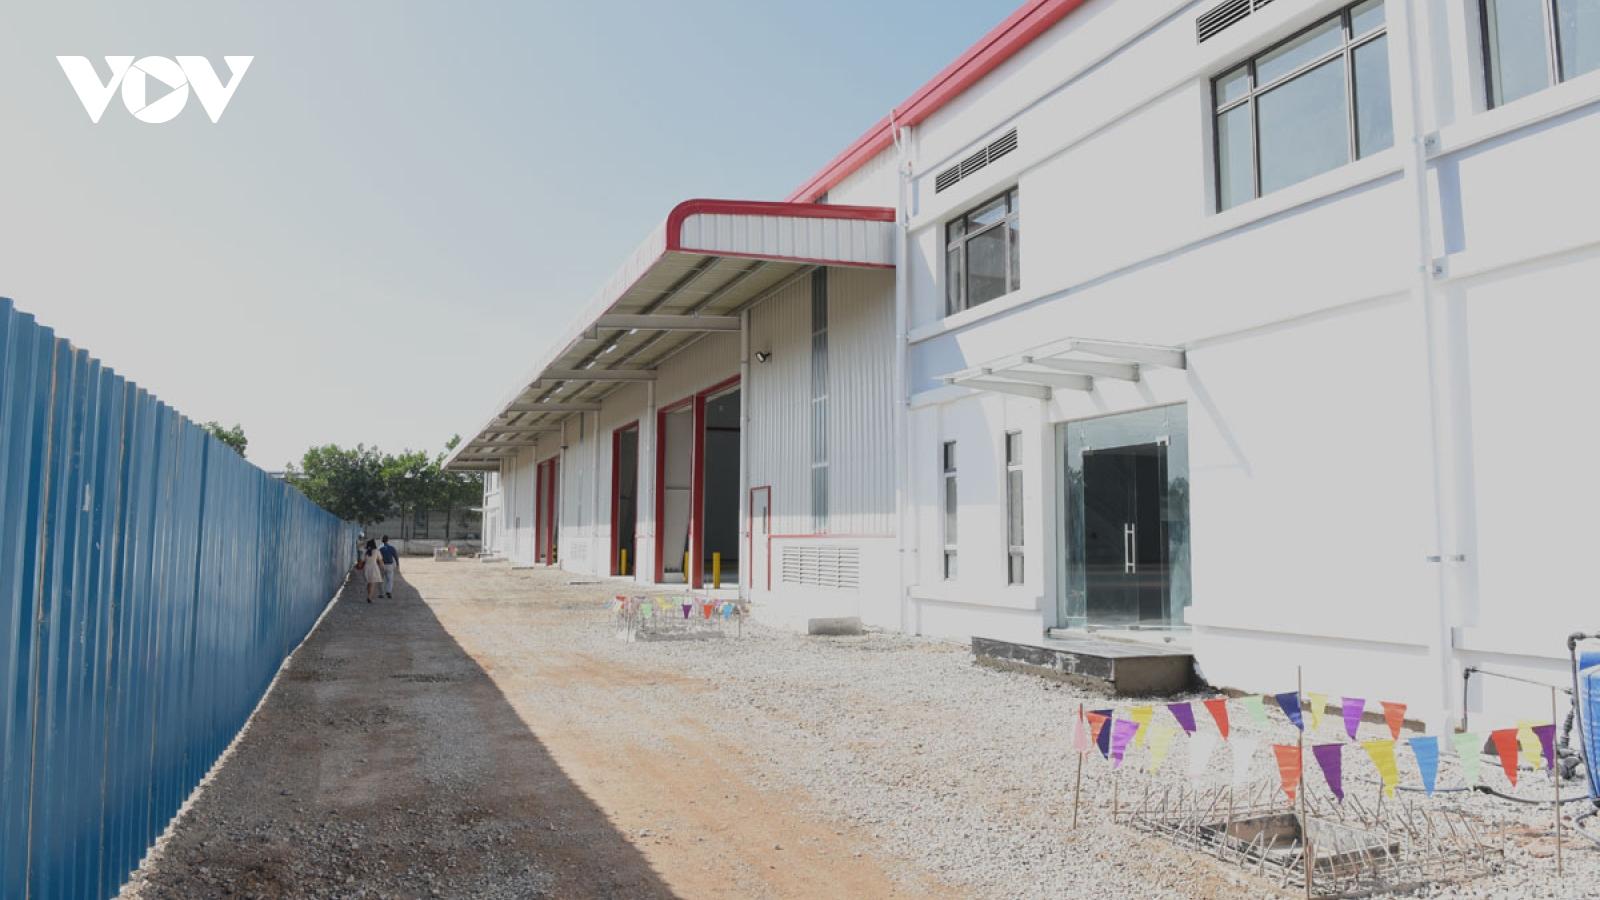 Hoàn thiện dự án nhà xưởng xây sẵn đầu tiên tại Thái Nguyên